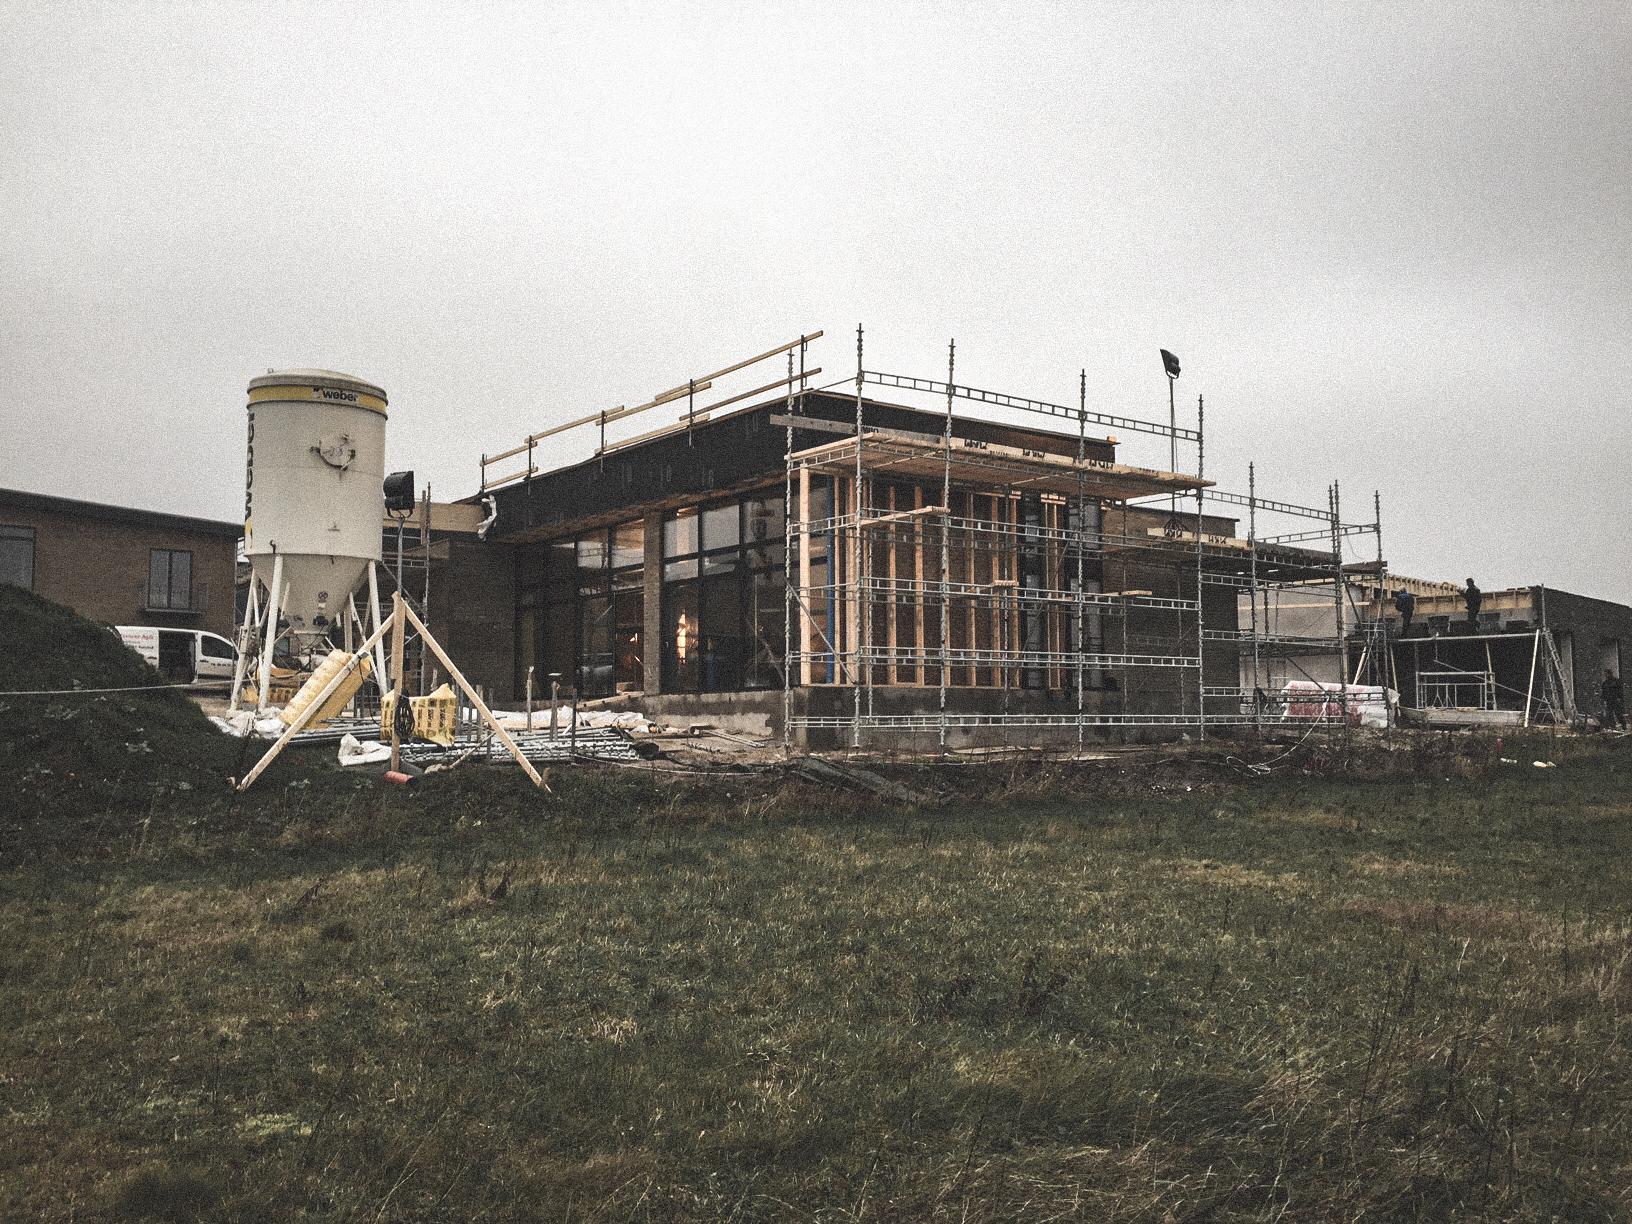 Billede af et igangværende byggeri i Gistrup, tegnet af arkitektfirmaet m2plus.